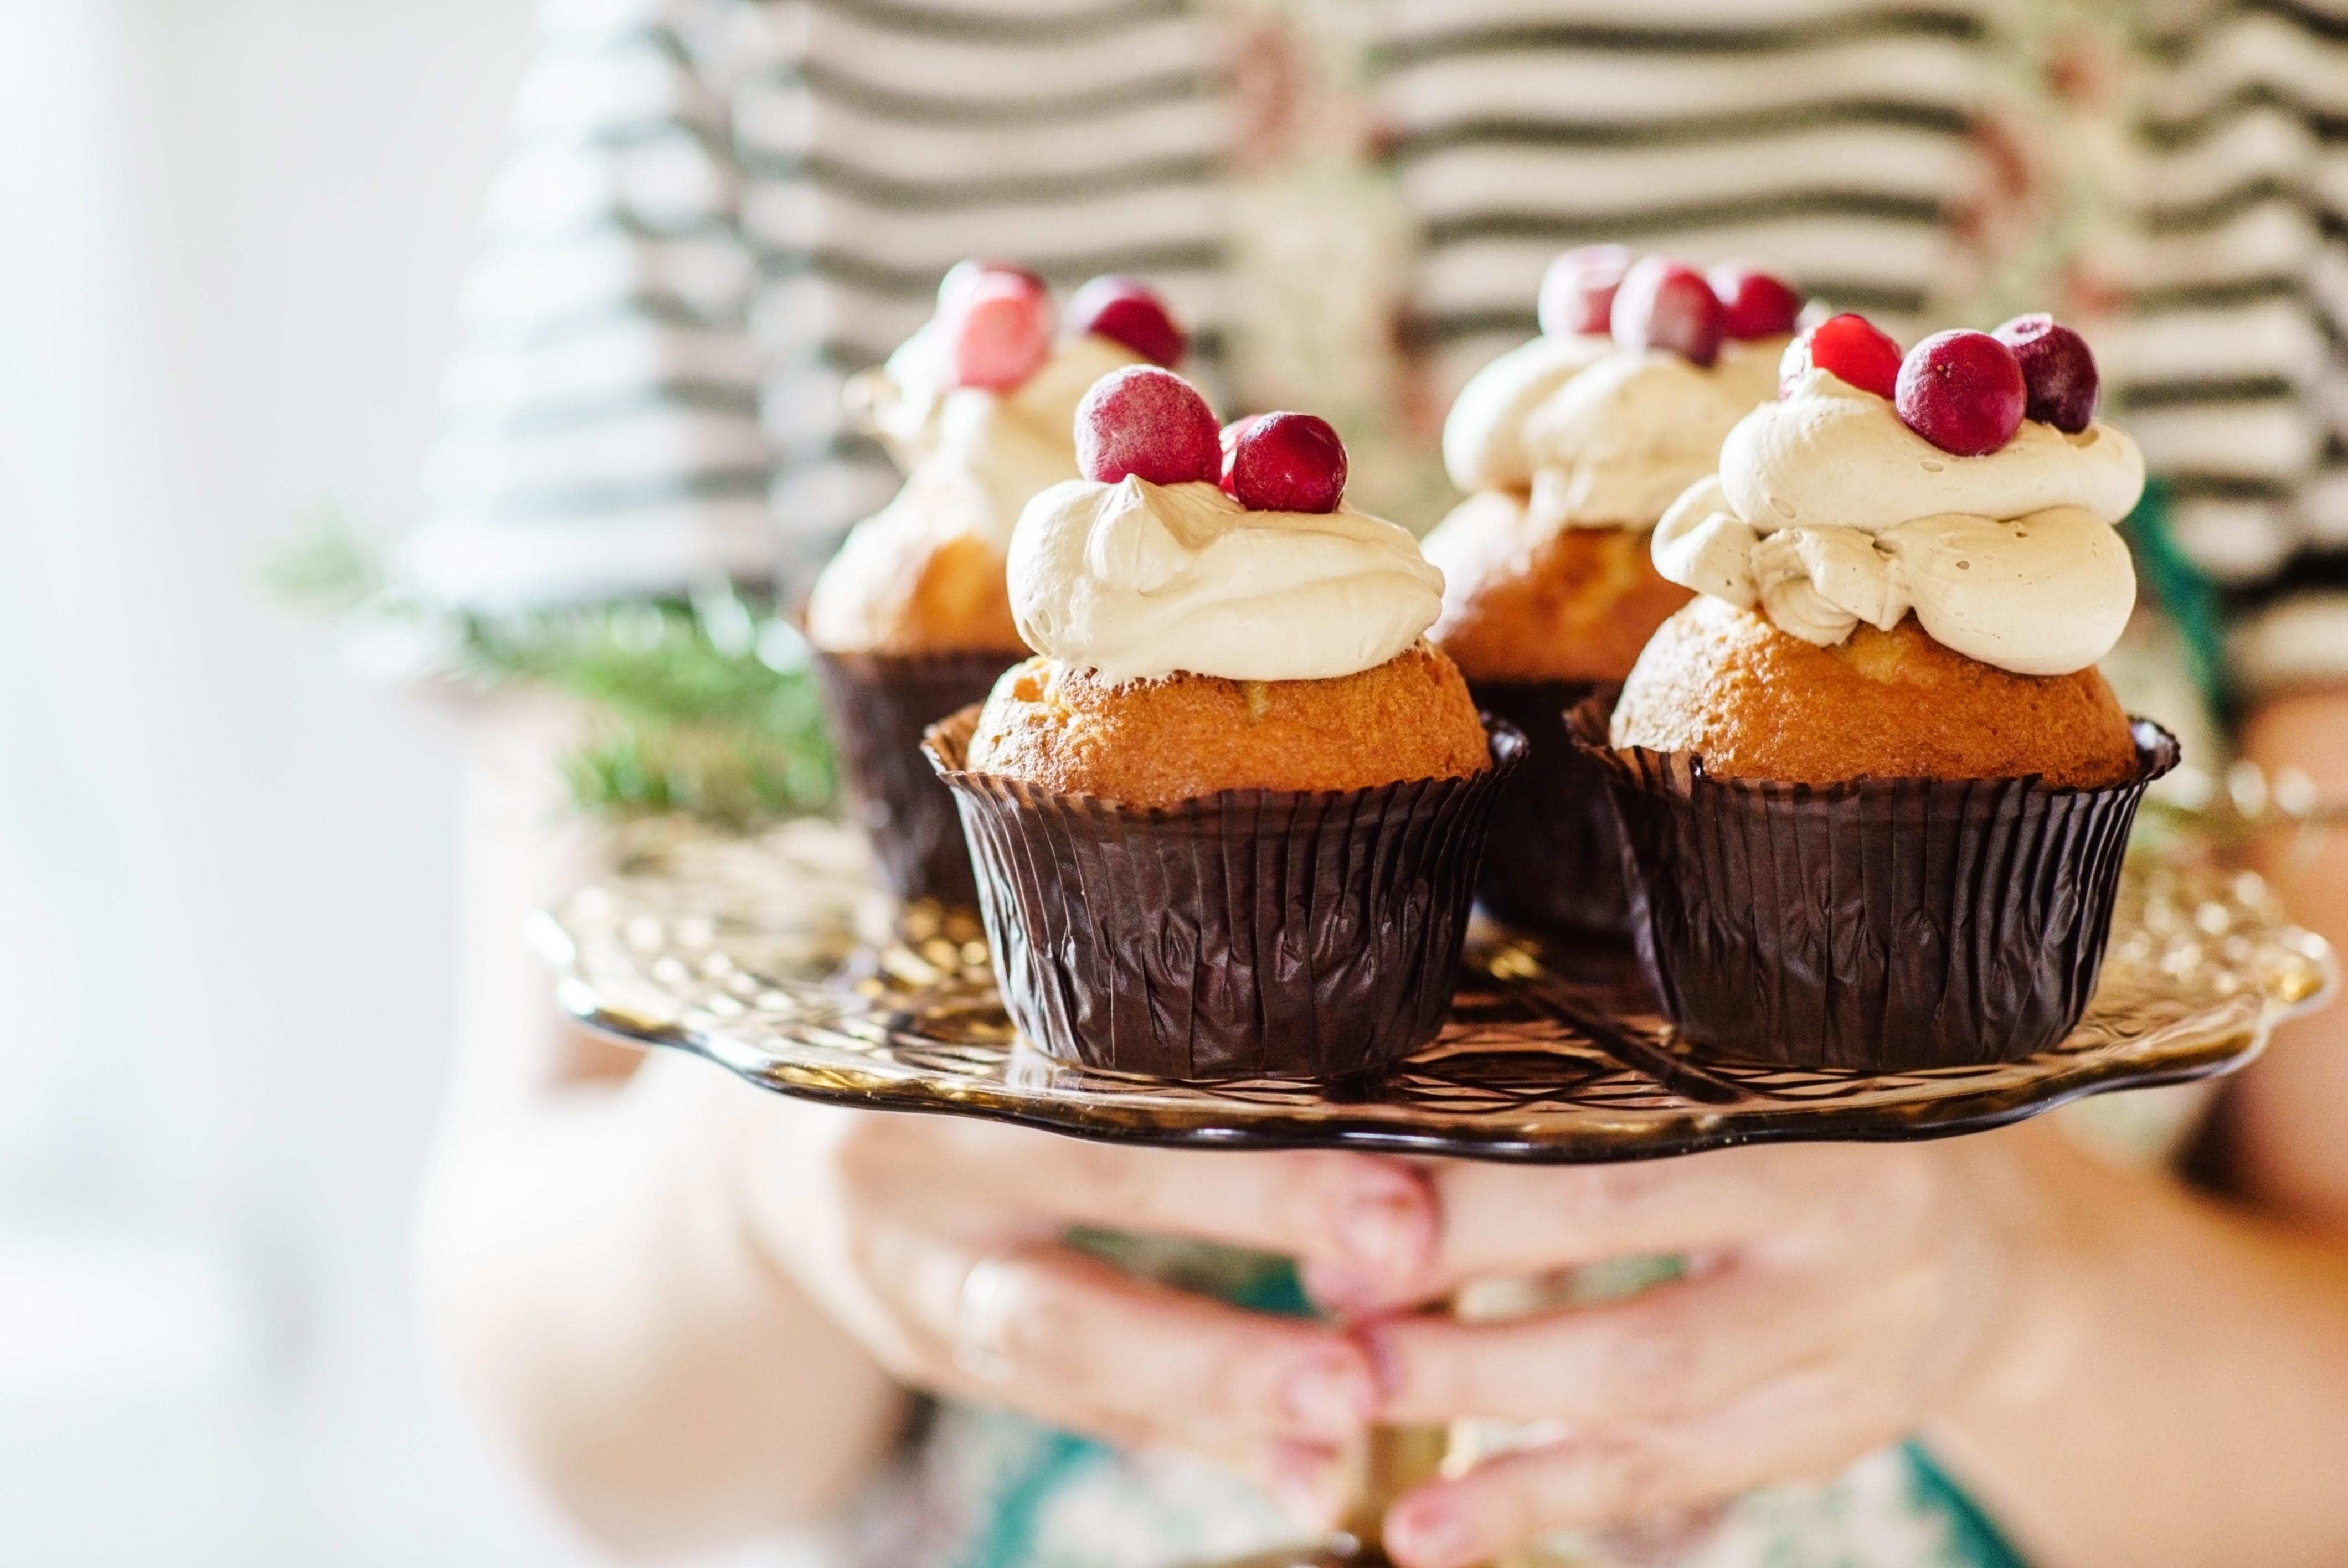 shutterstock_320854217 pepparkaksmuffins pepparkaka muffins glutenfritt veckans recept matrecept julbak.jpg